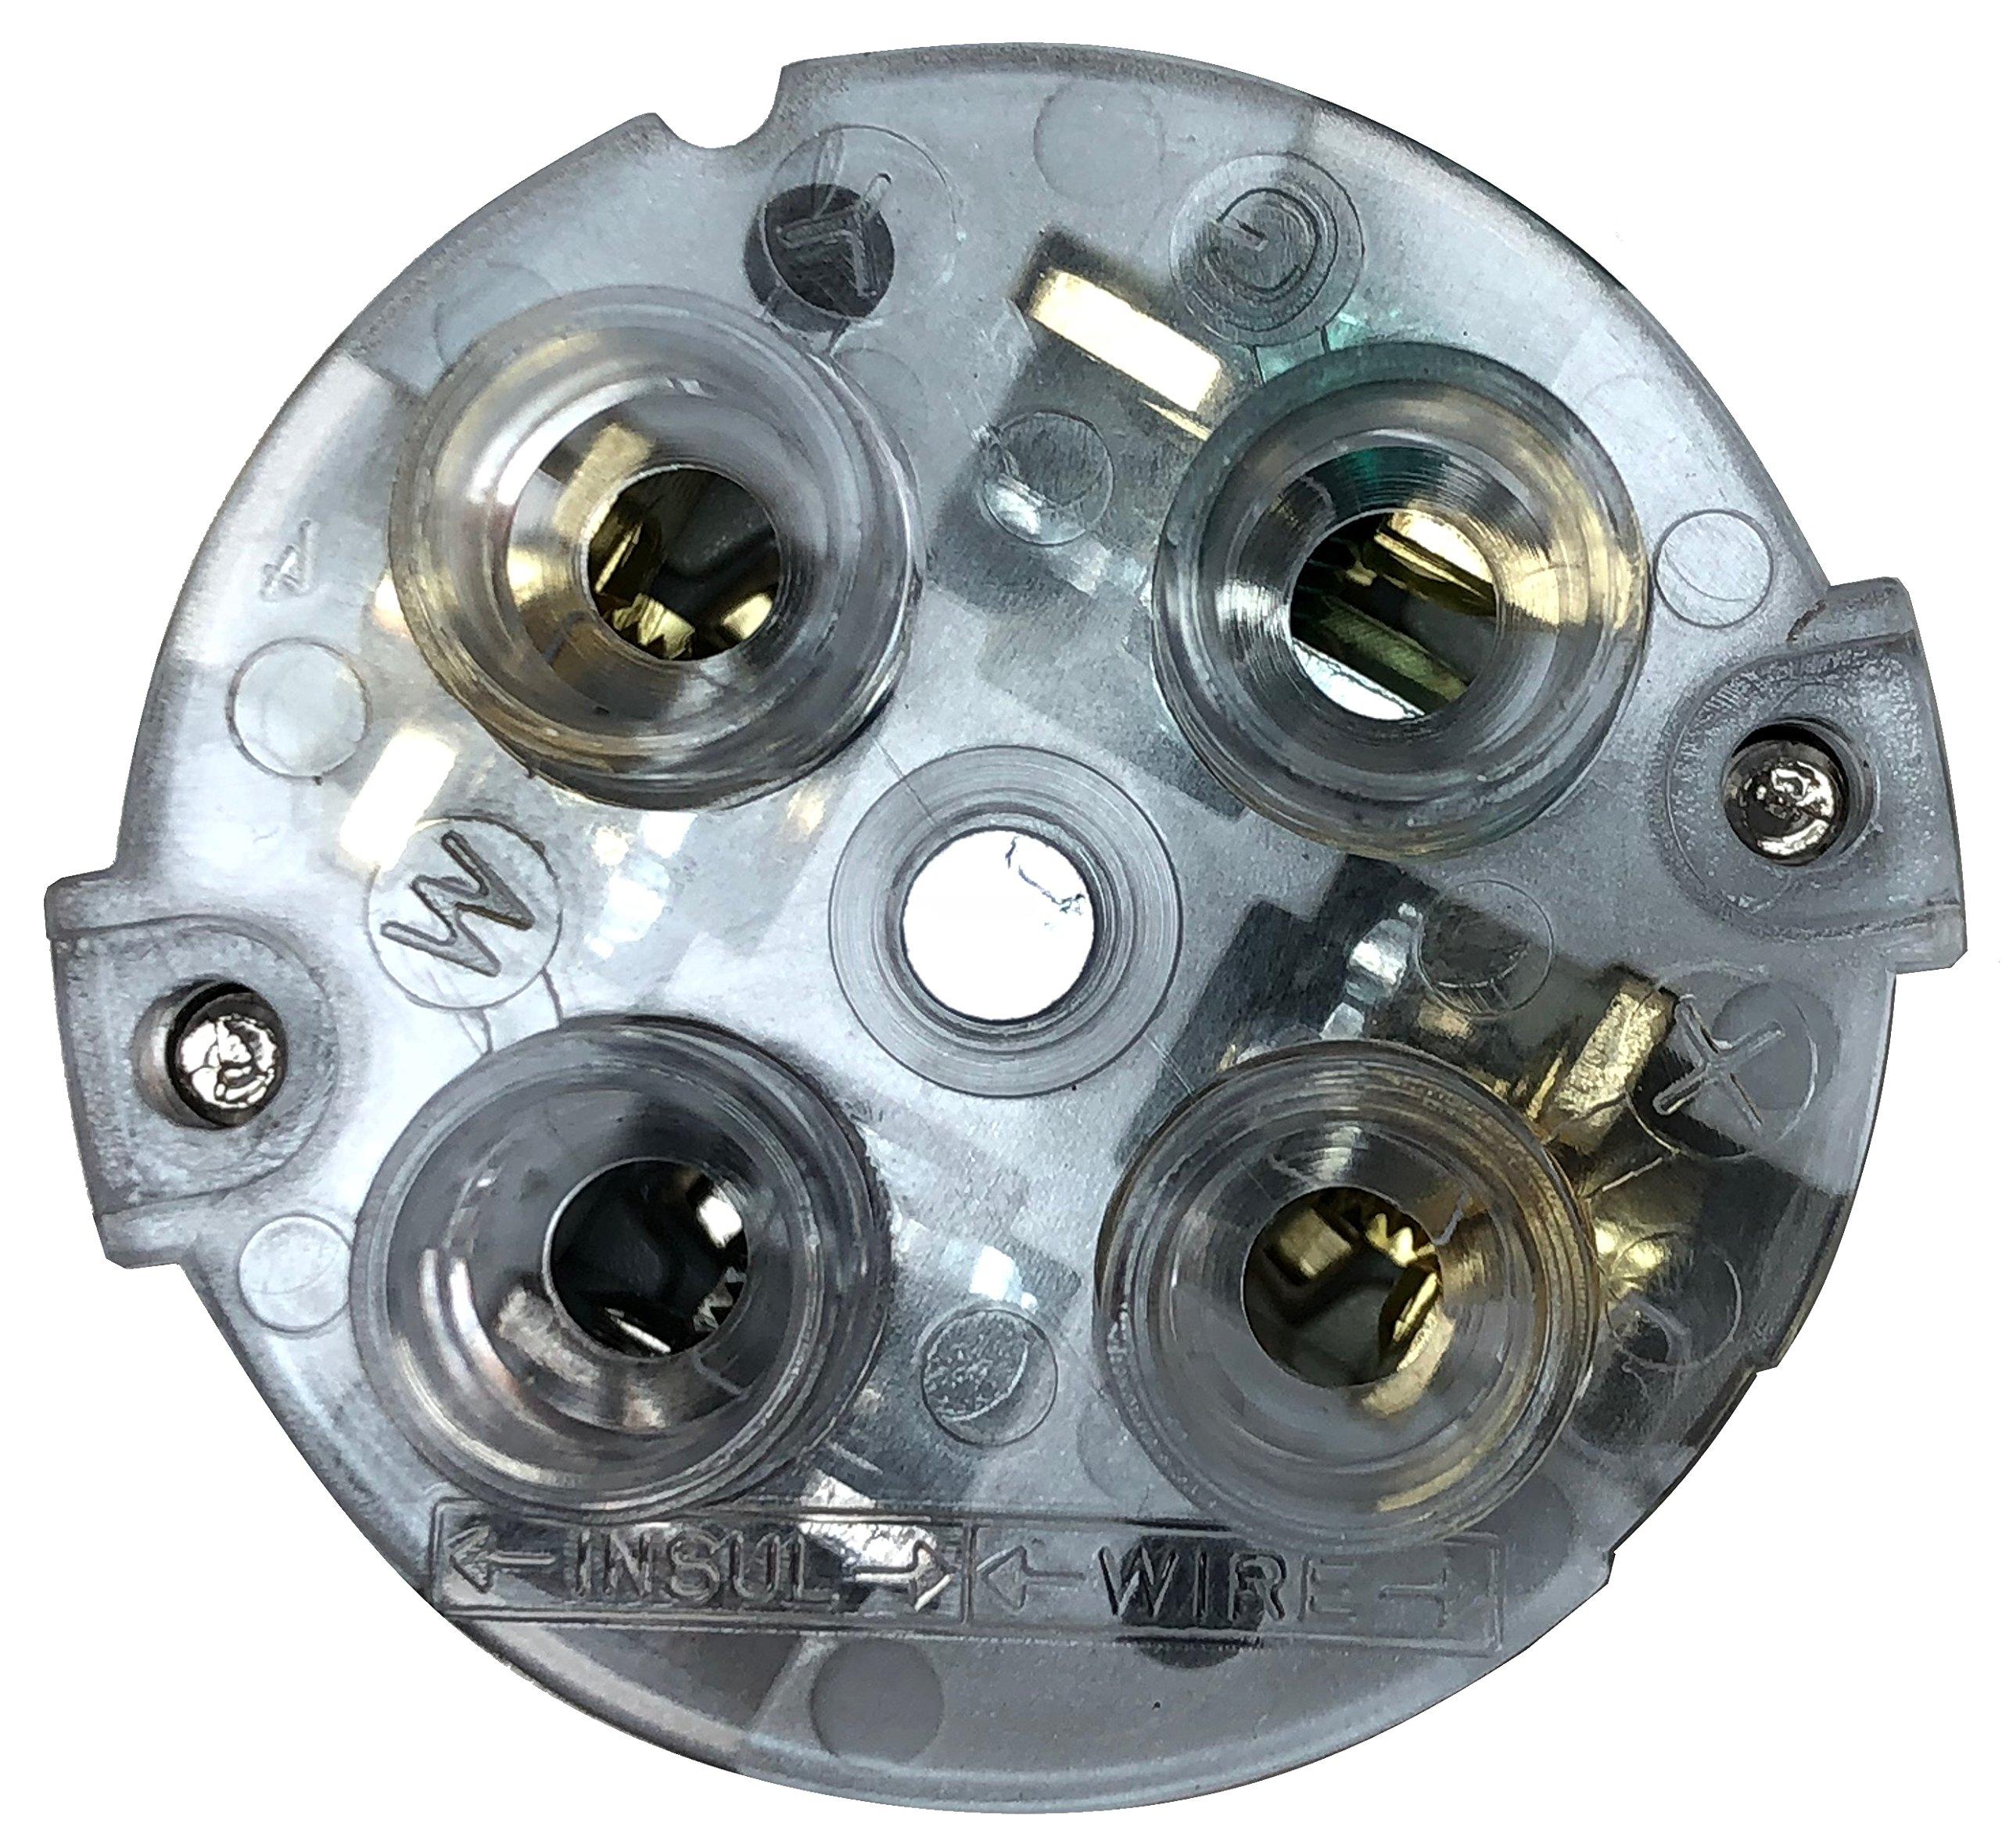 Twist-Lock NEMA L14-30P Replacement Plug Easy Assembly - Durable Nylon Construction - WBL1430P - Rewireable